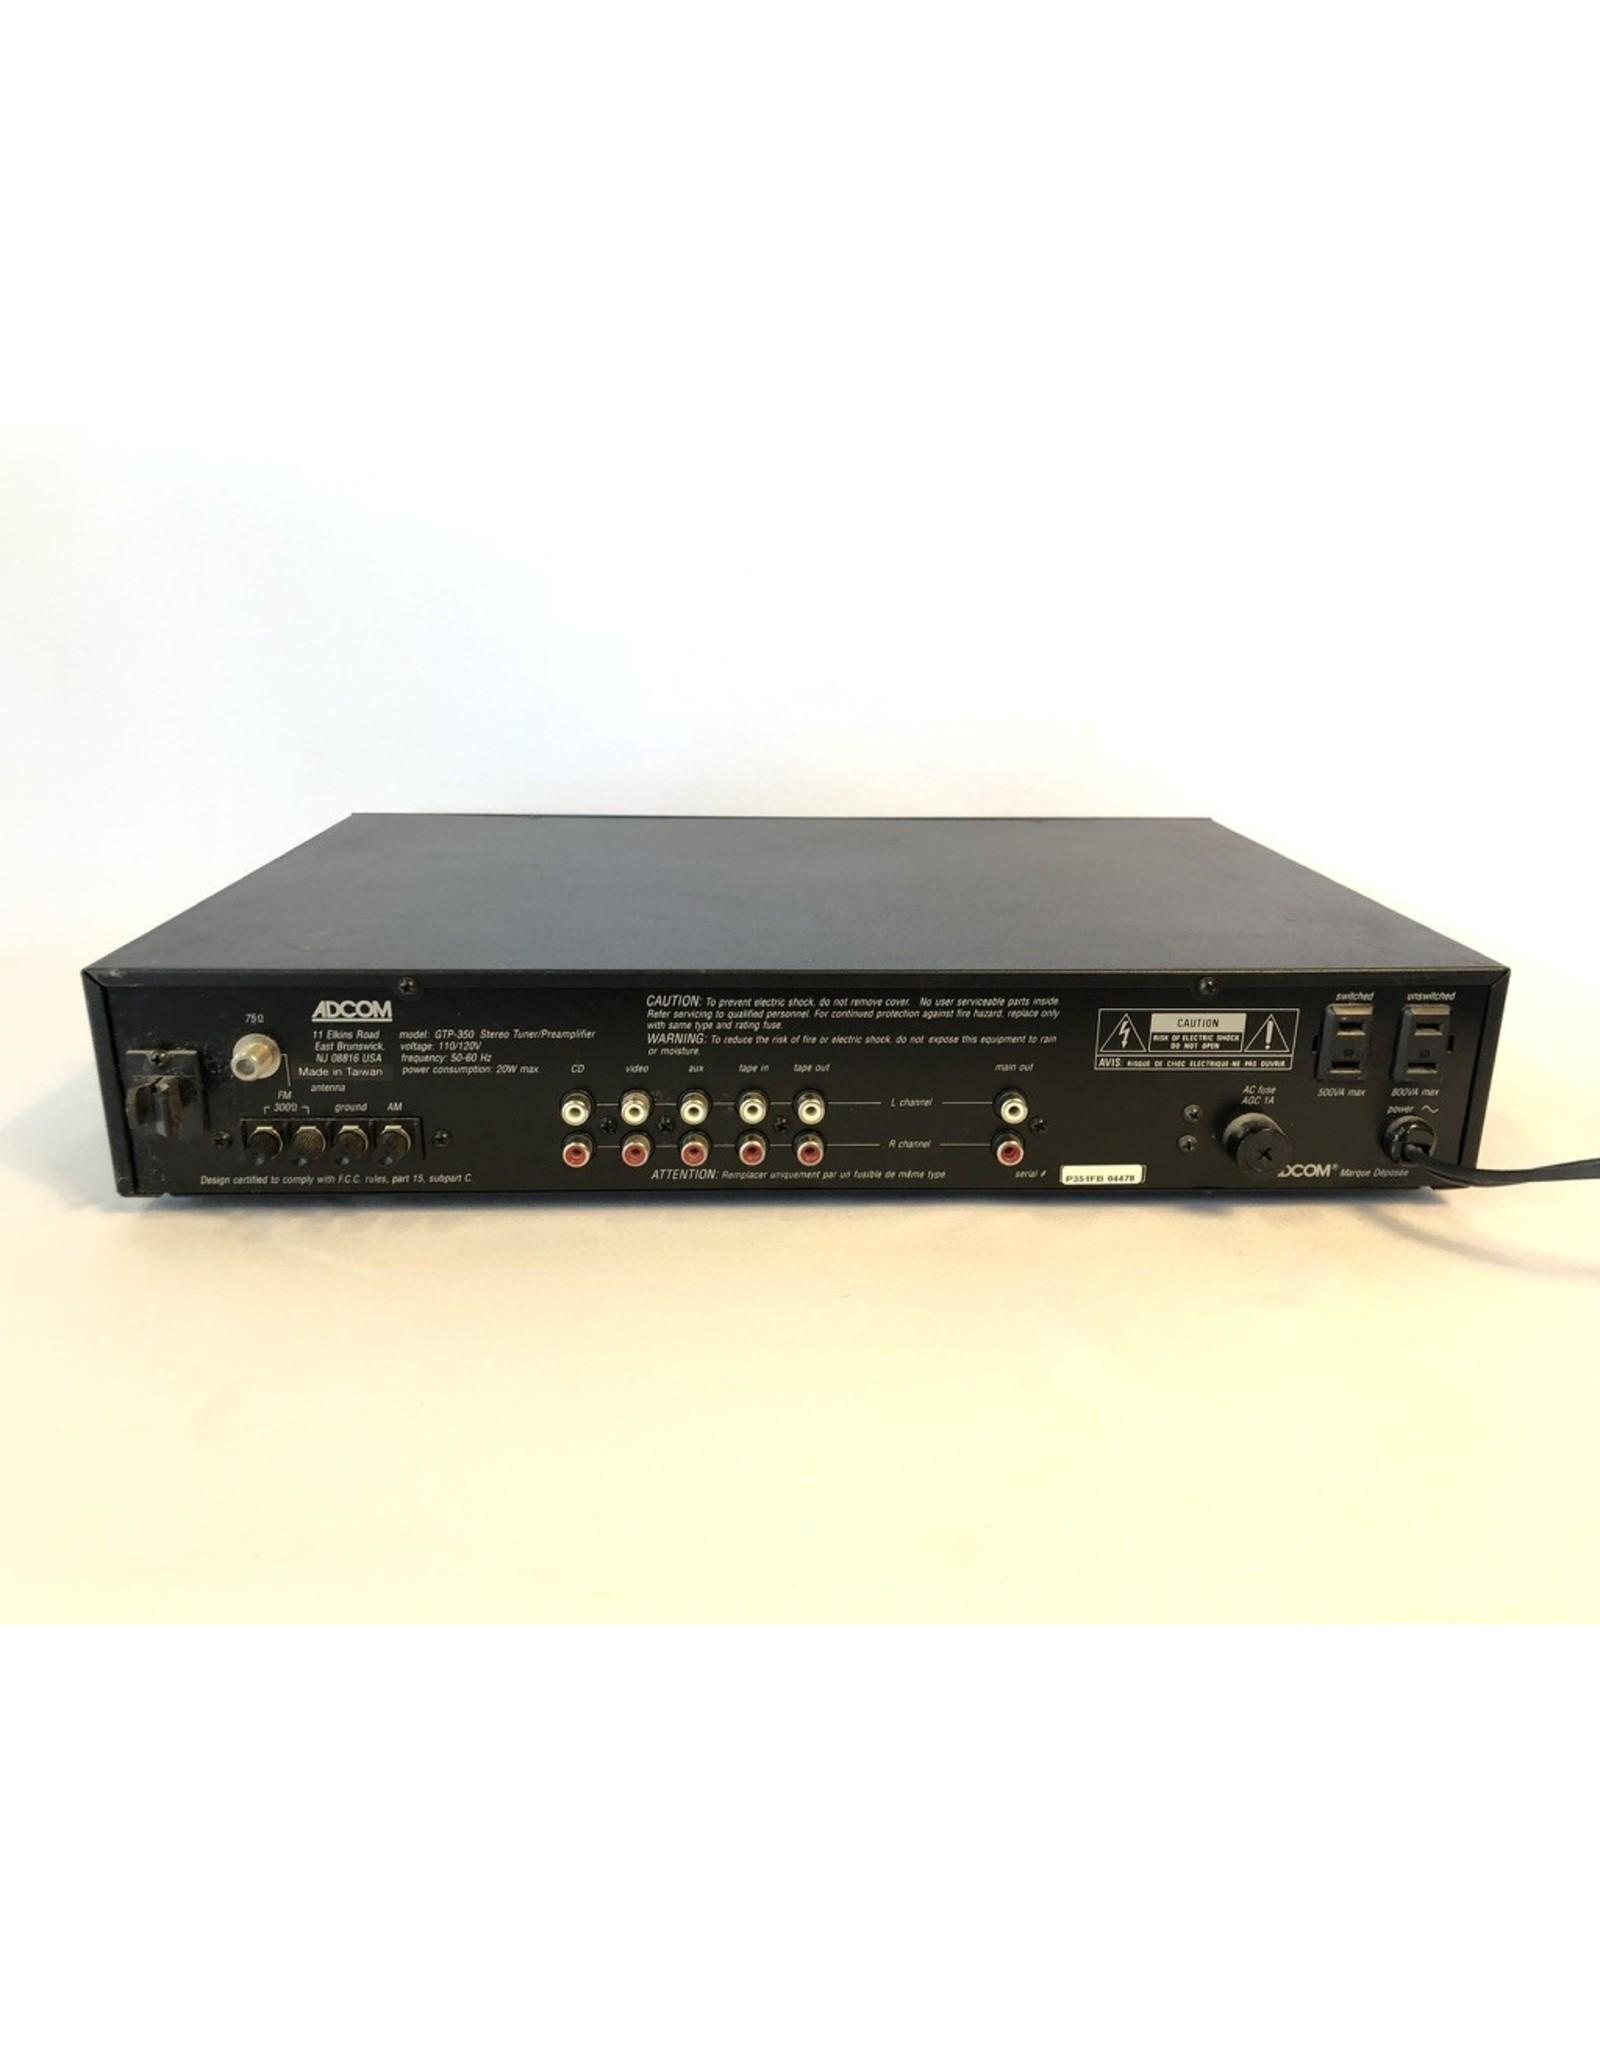 Adcom Adcom GTP-350 Tuner/Preamp USED